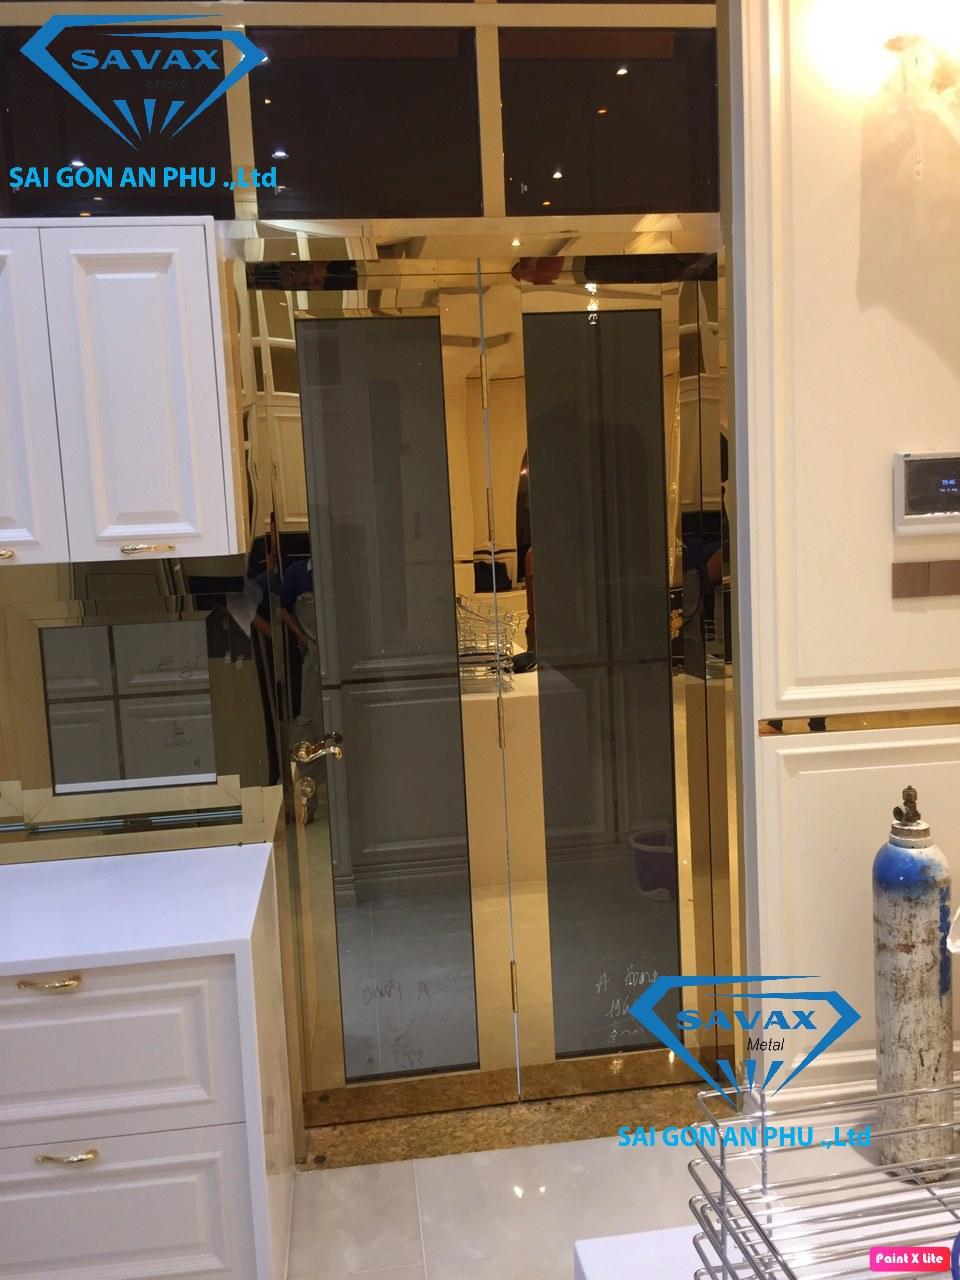 Cửa inox mạ vàng là gì mà làm cho phòng bếp thêm đẹp mắt